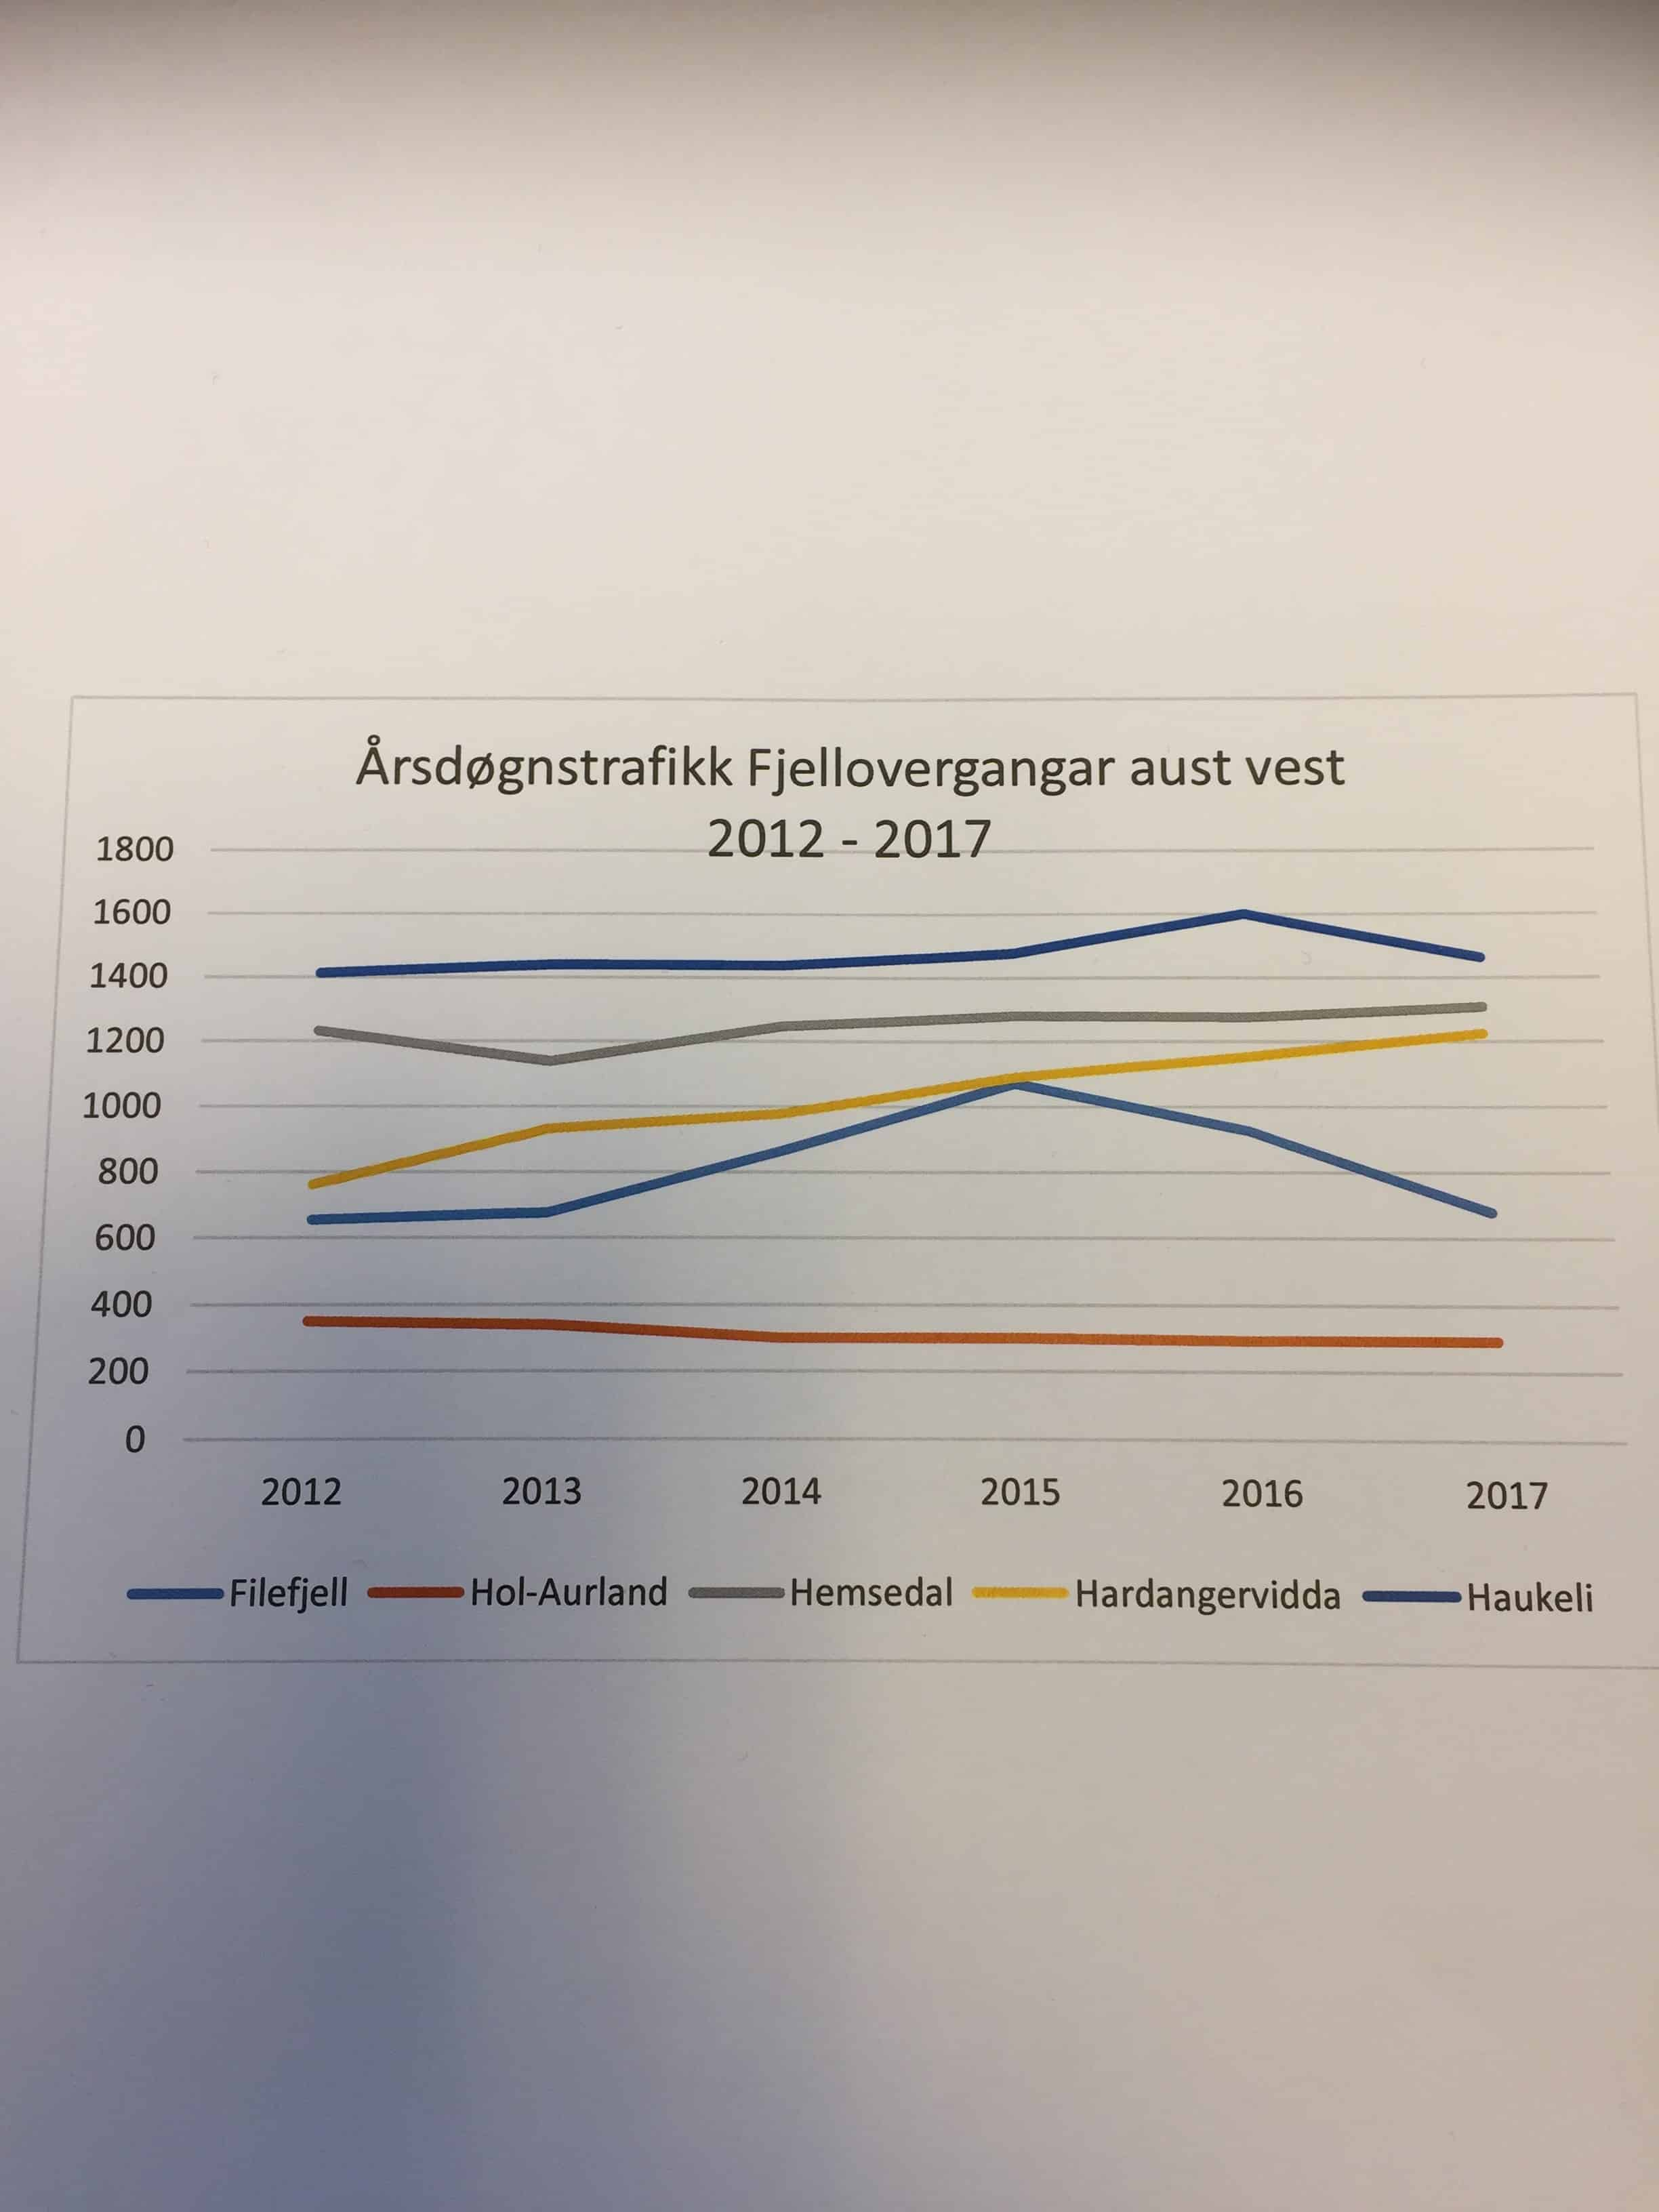 Rv 7 Hardangervidda har mest trafikkauke av dei 5 hovudvegane aust-vest i 2017